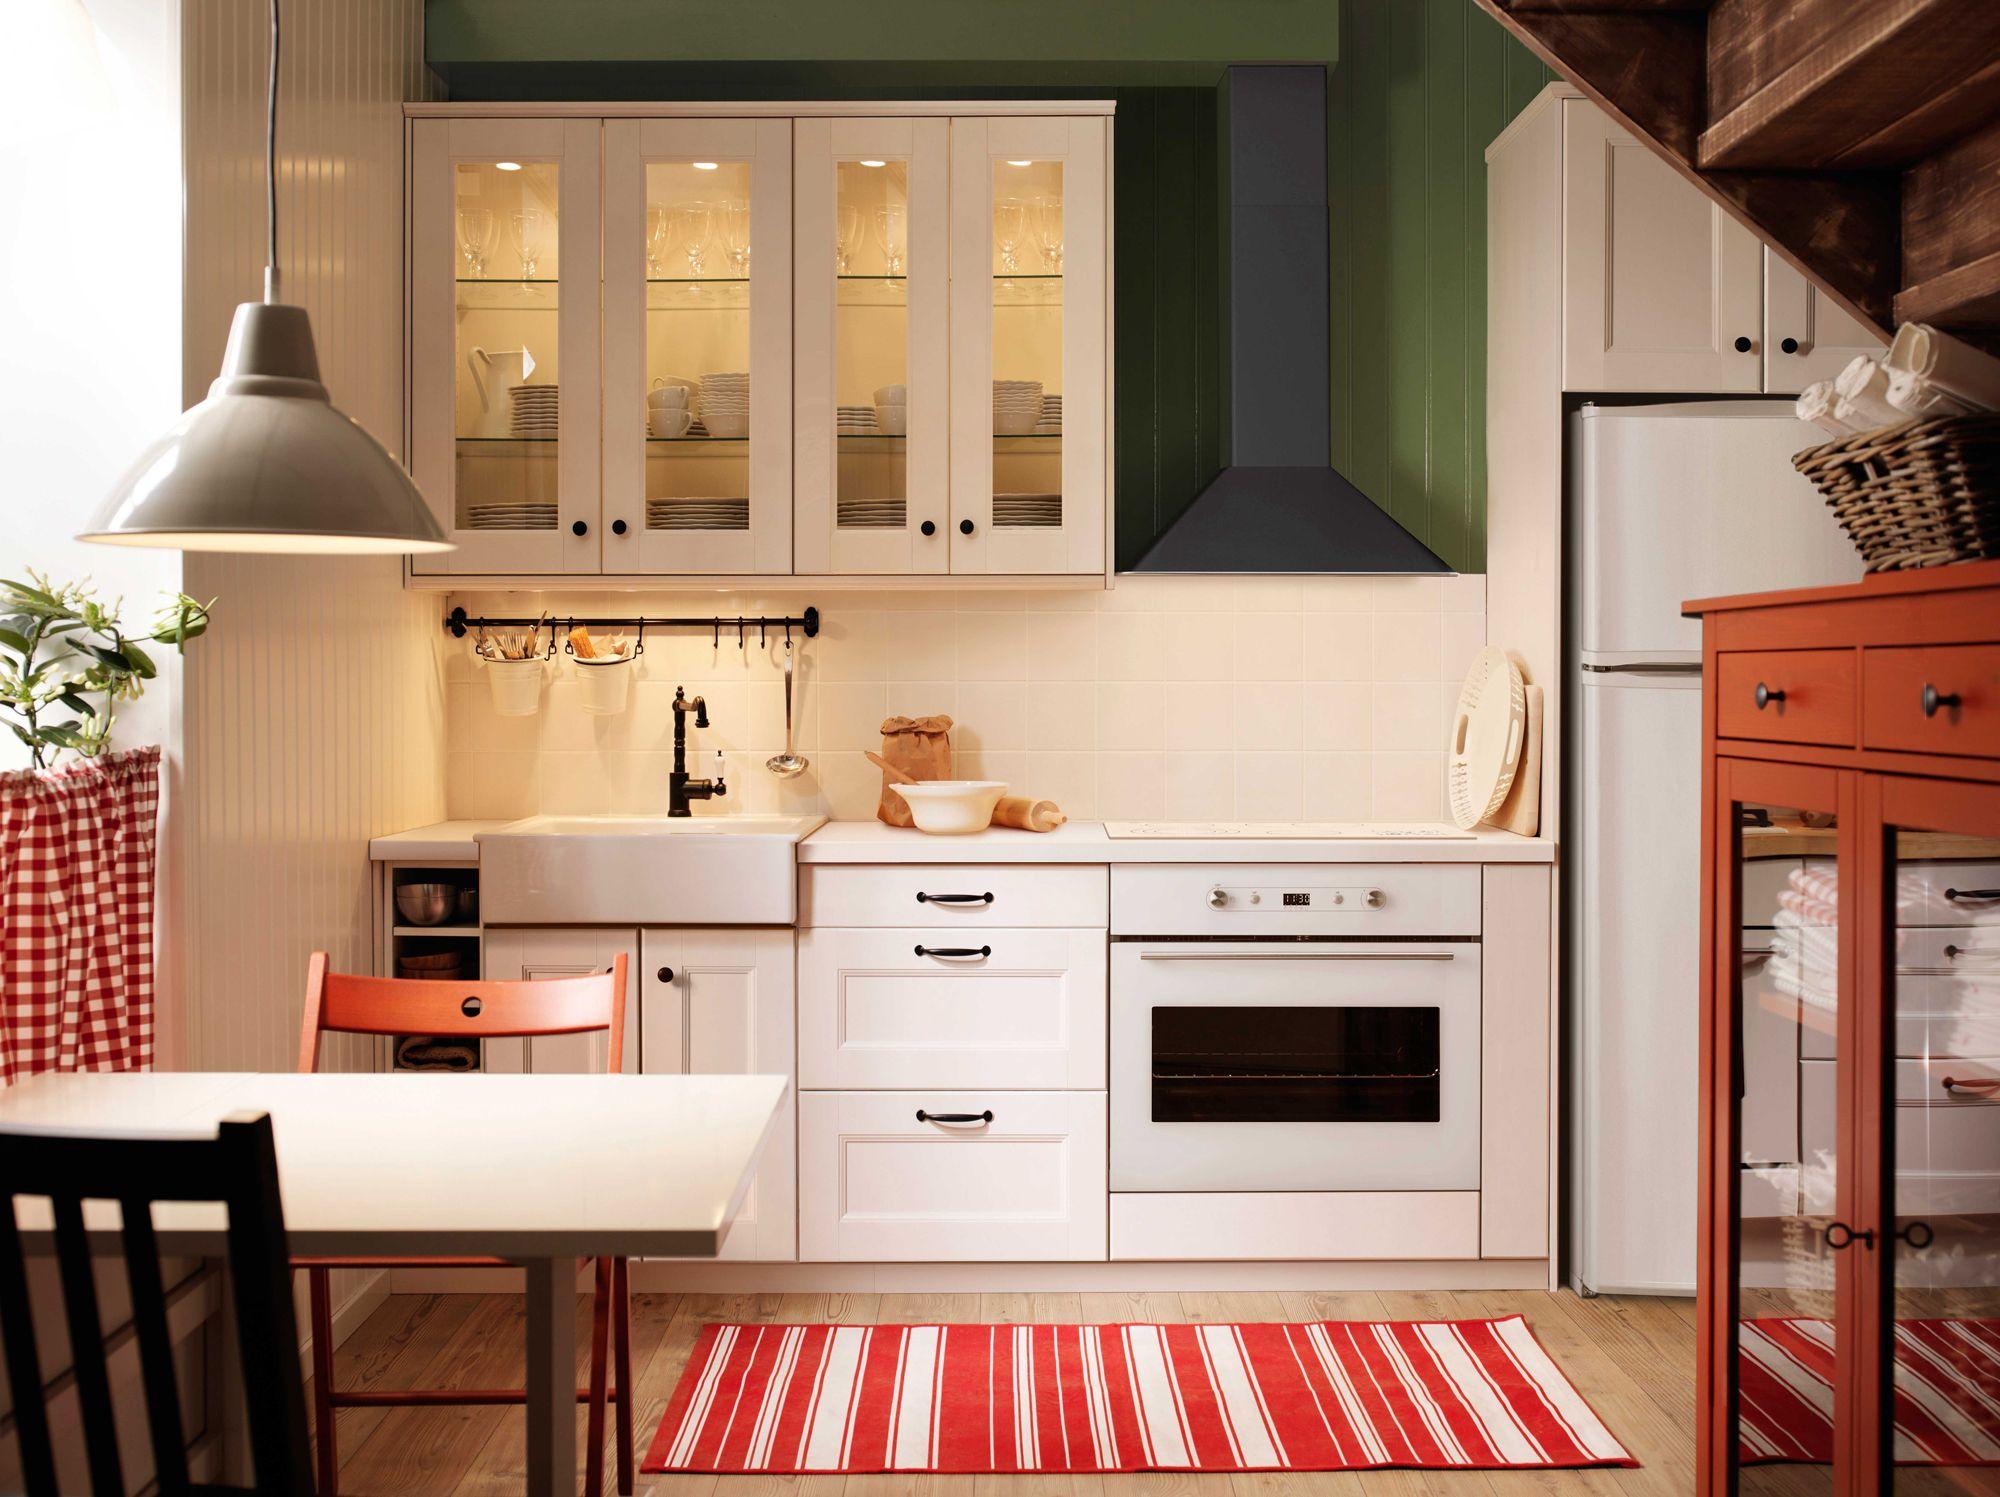 Ikea Österreich inspiration textilien front ramsjÖ küche